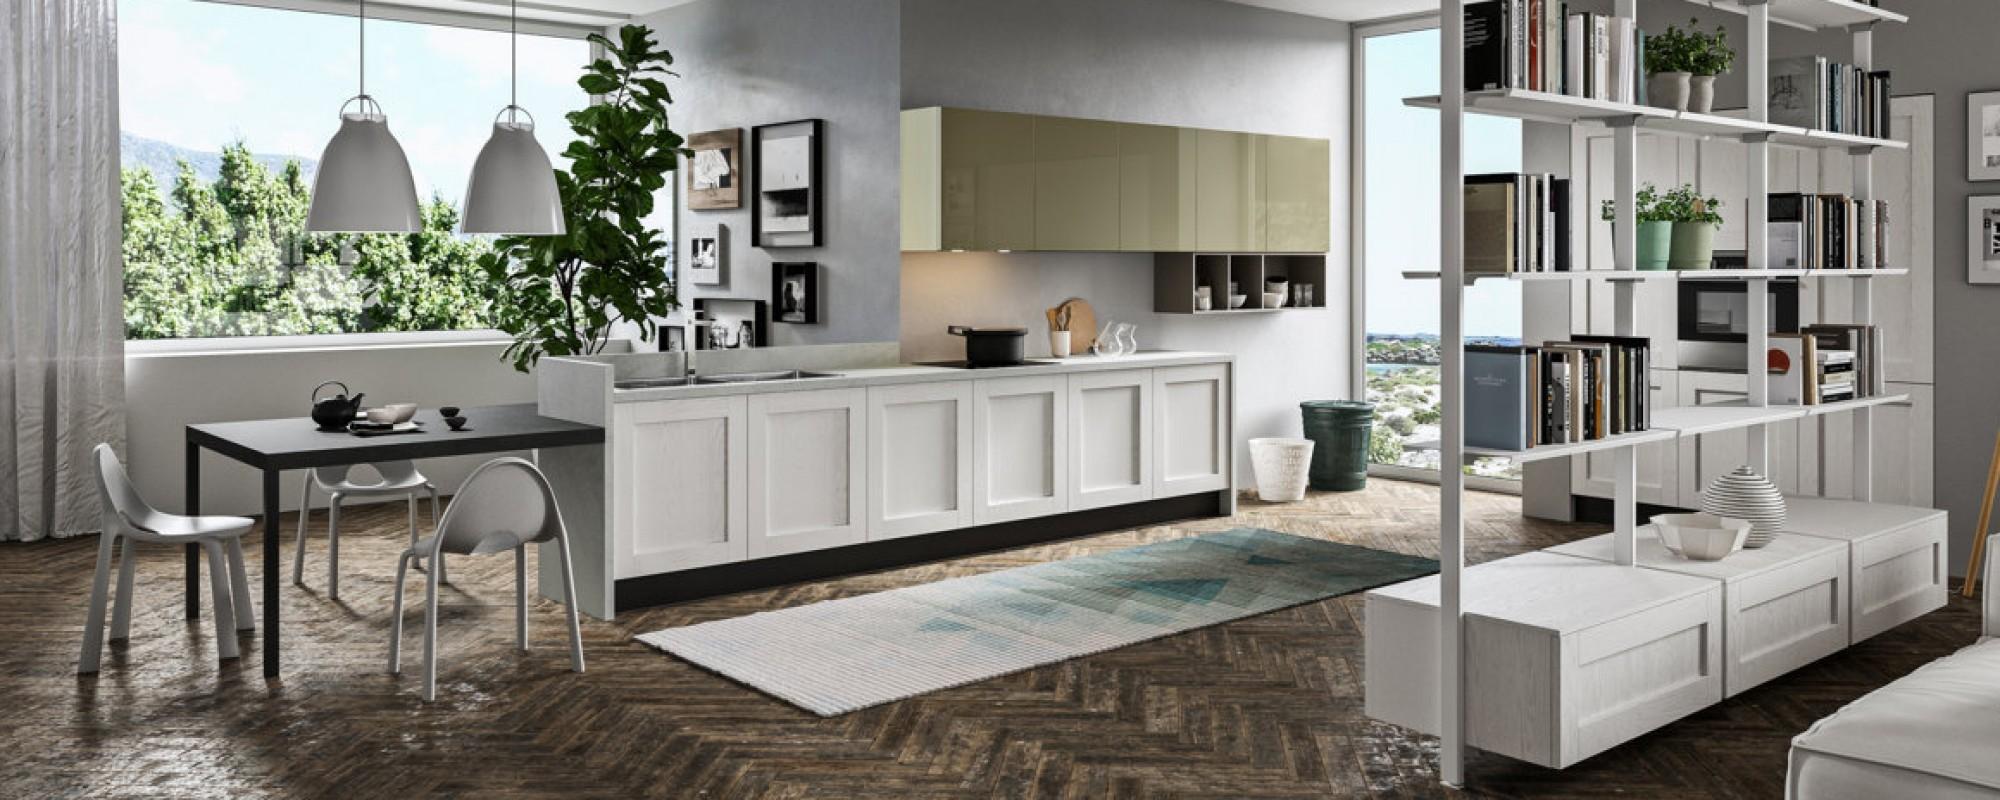 Mobili alessandria arredamento e cucine personalizzate ad for Outlet mobili genova